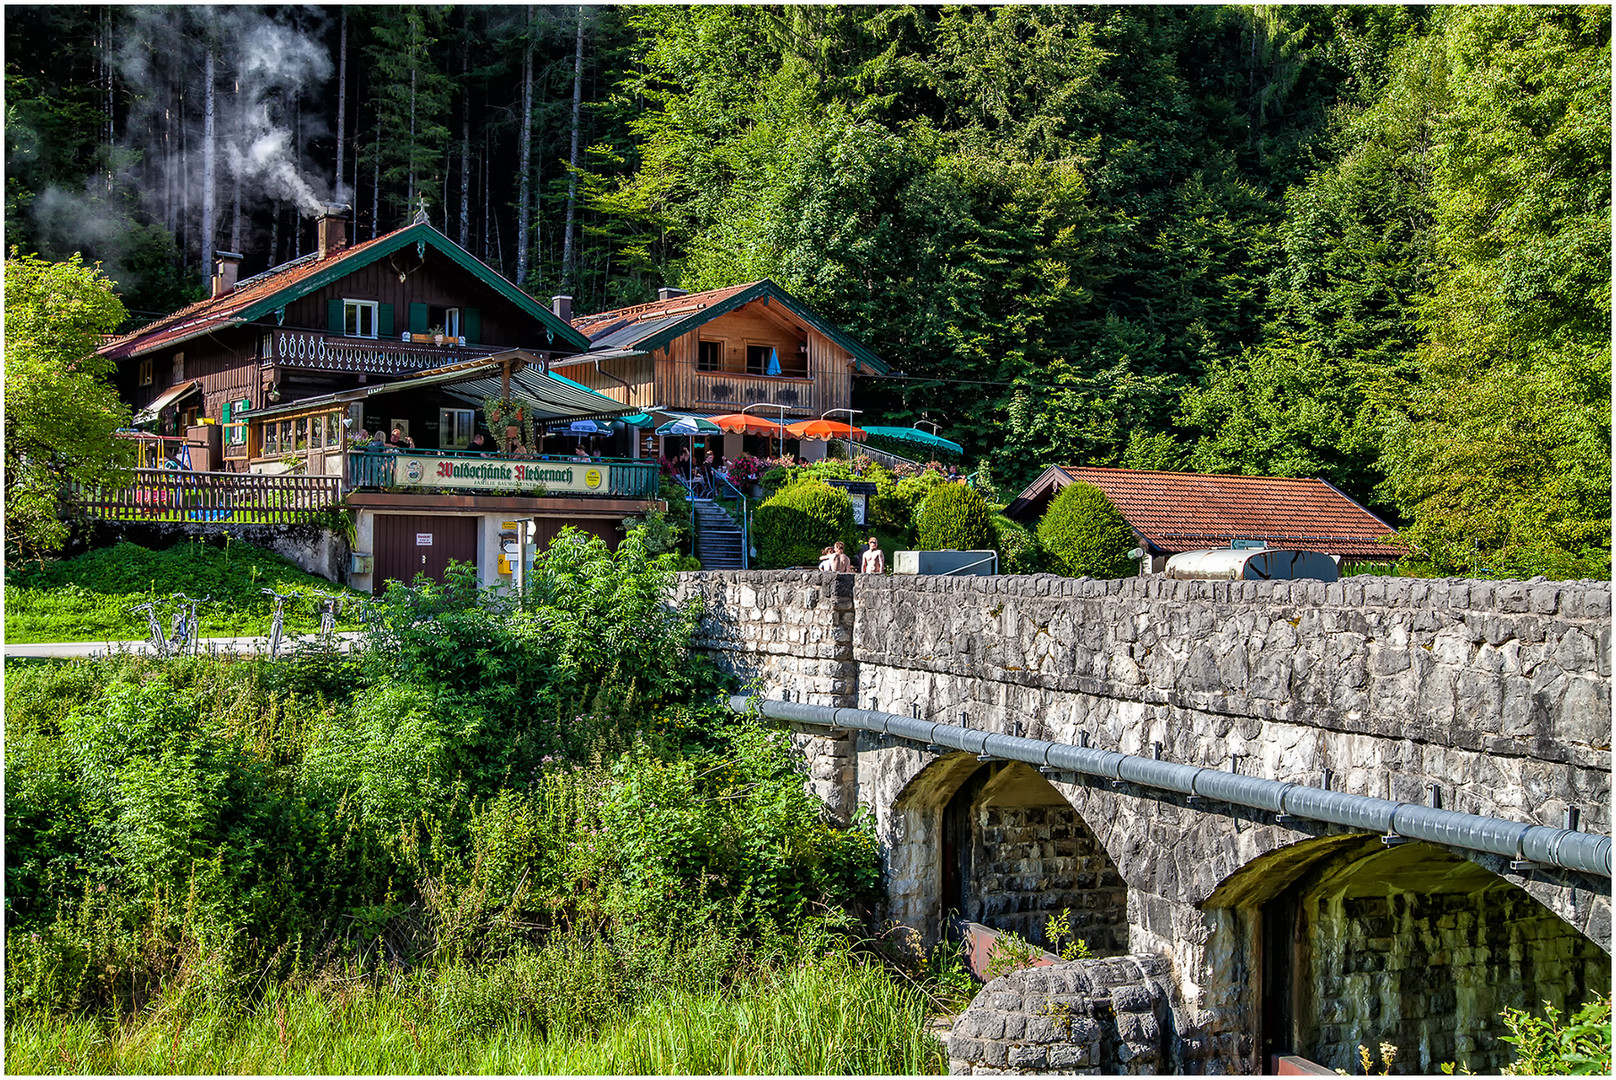 Waldschänke Niedernach Foto & Bild | sommer, see, berge Bilder auf ...